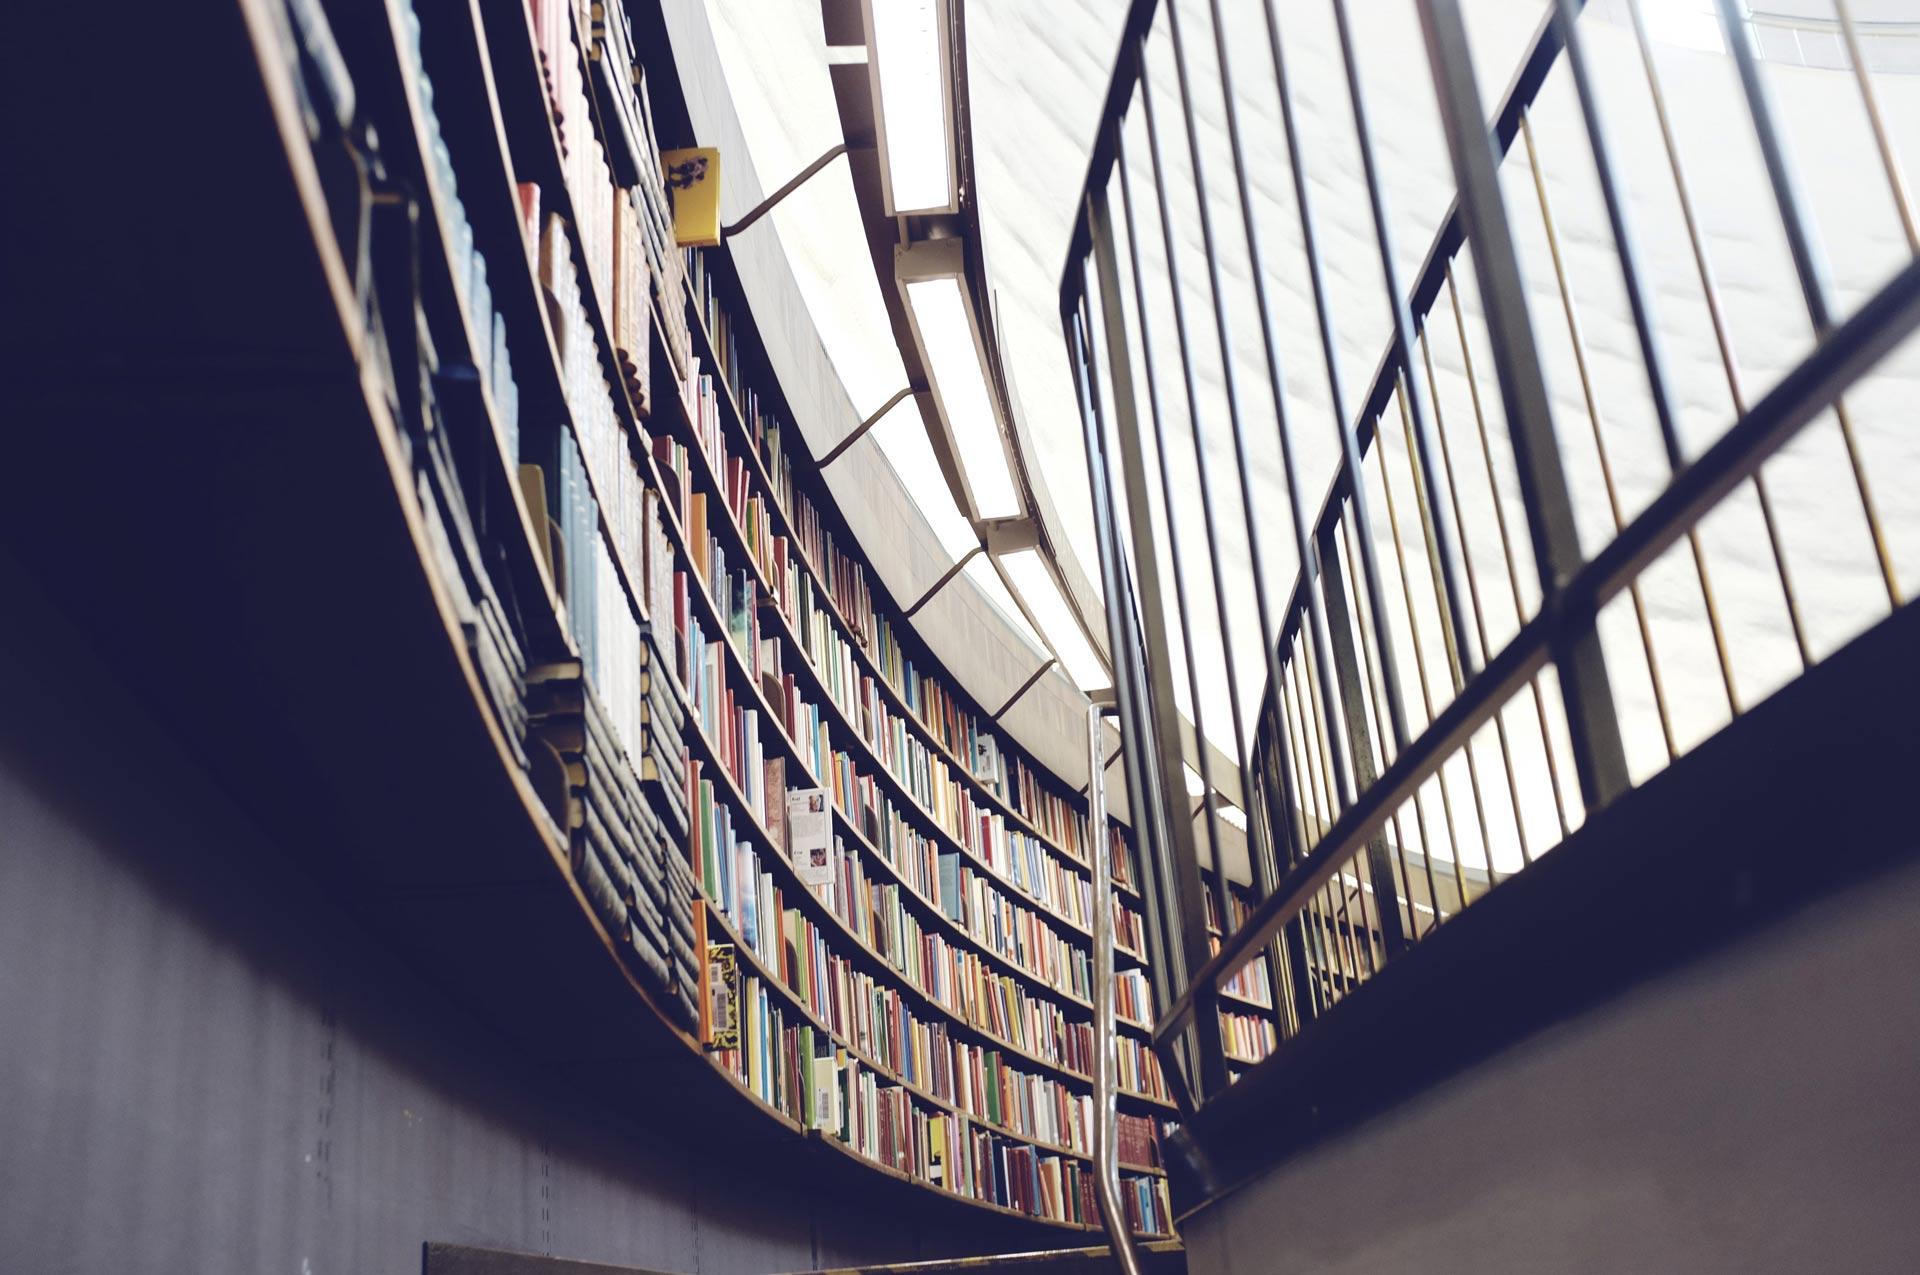 architecture-books-building